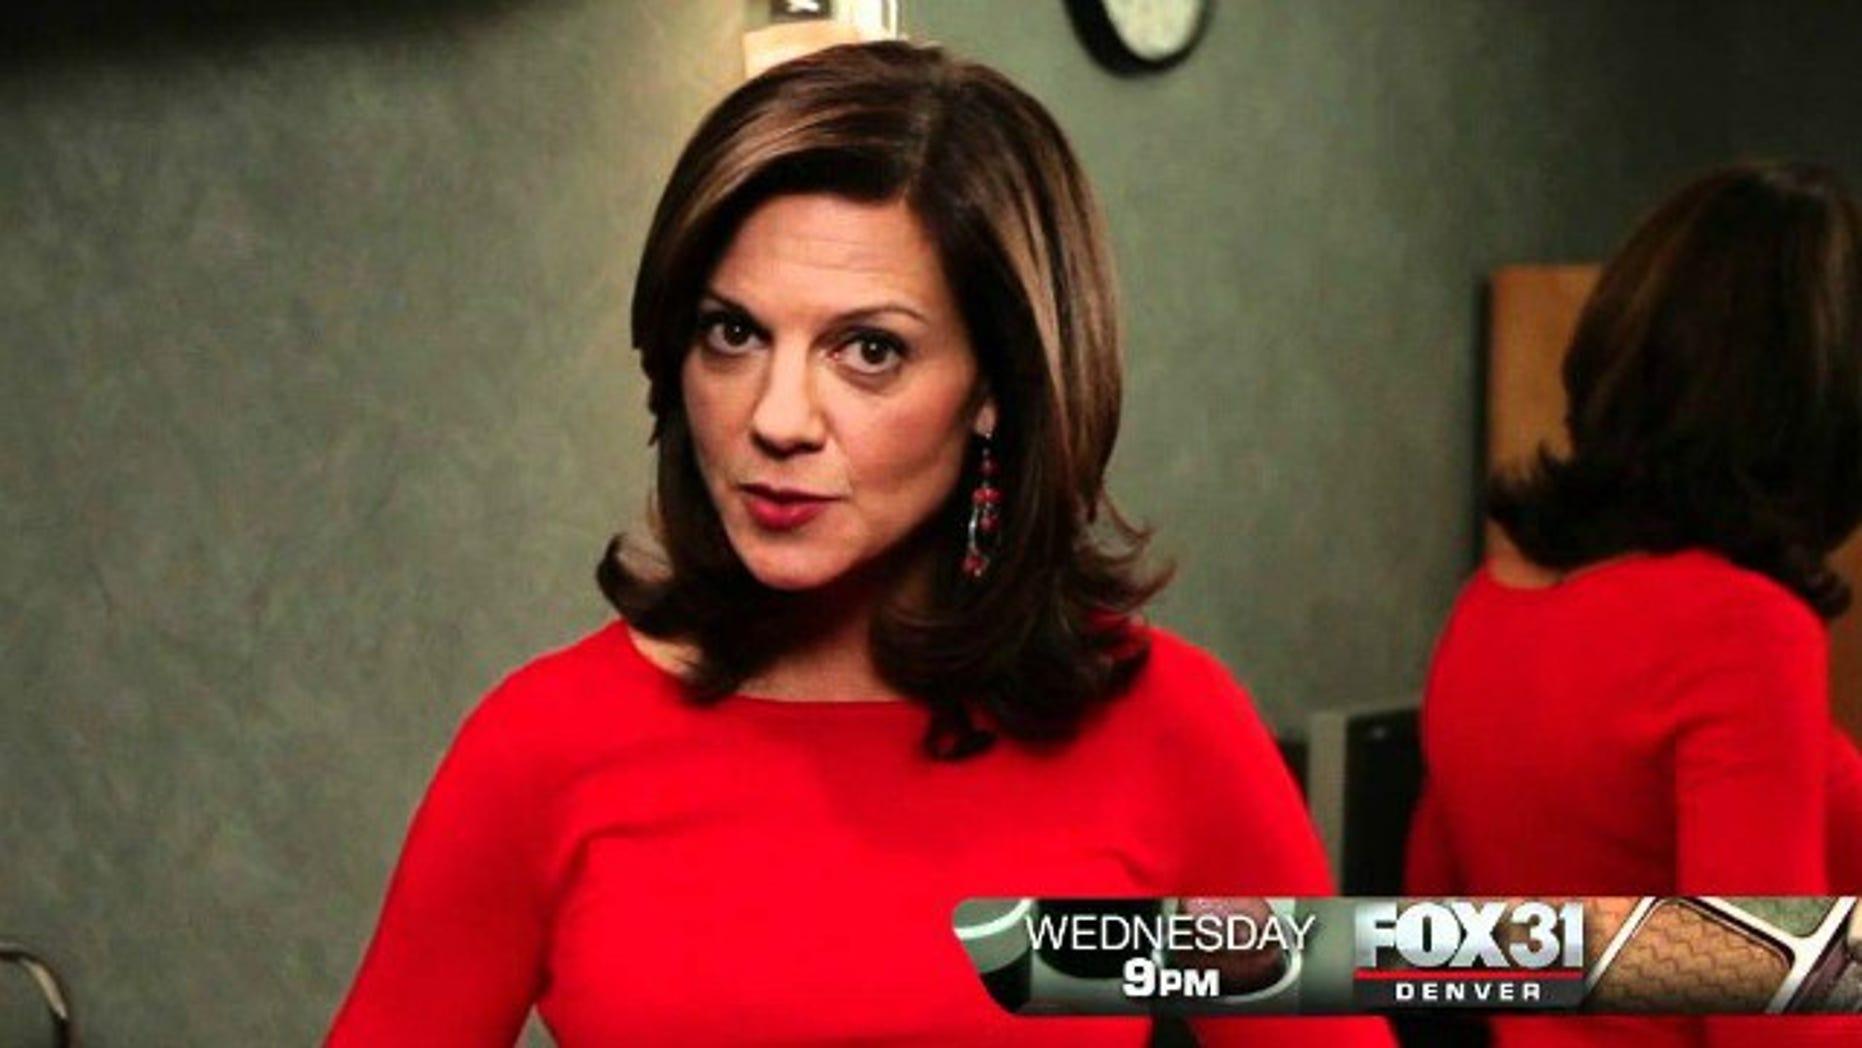 Heidi Hemmat has left her job at Fox 31 Denver after learning of death threats.